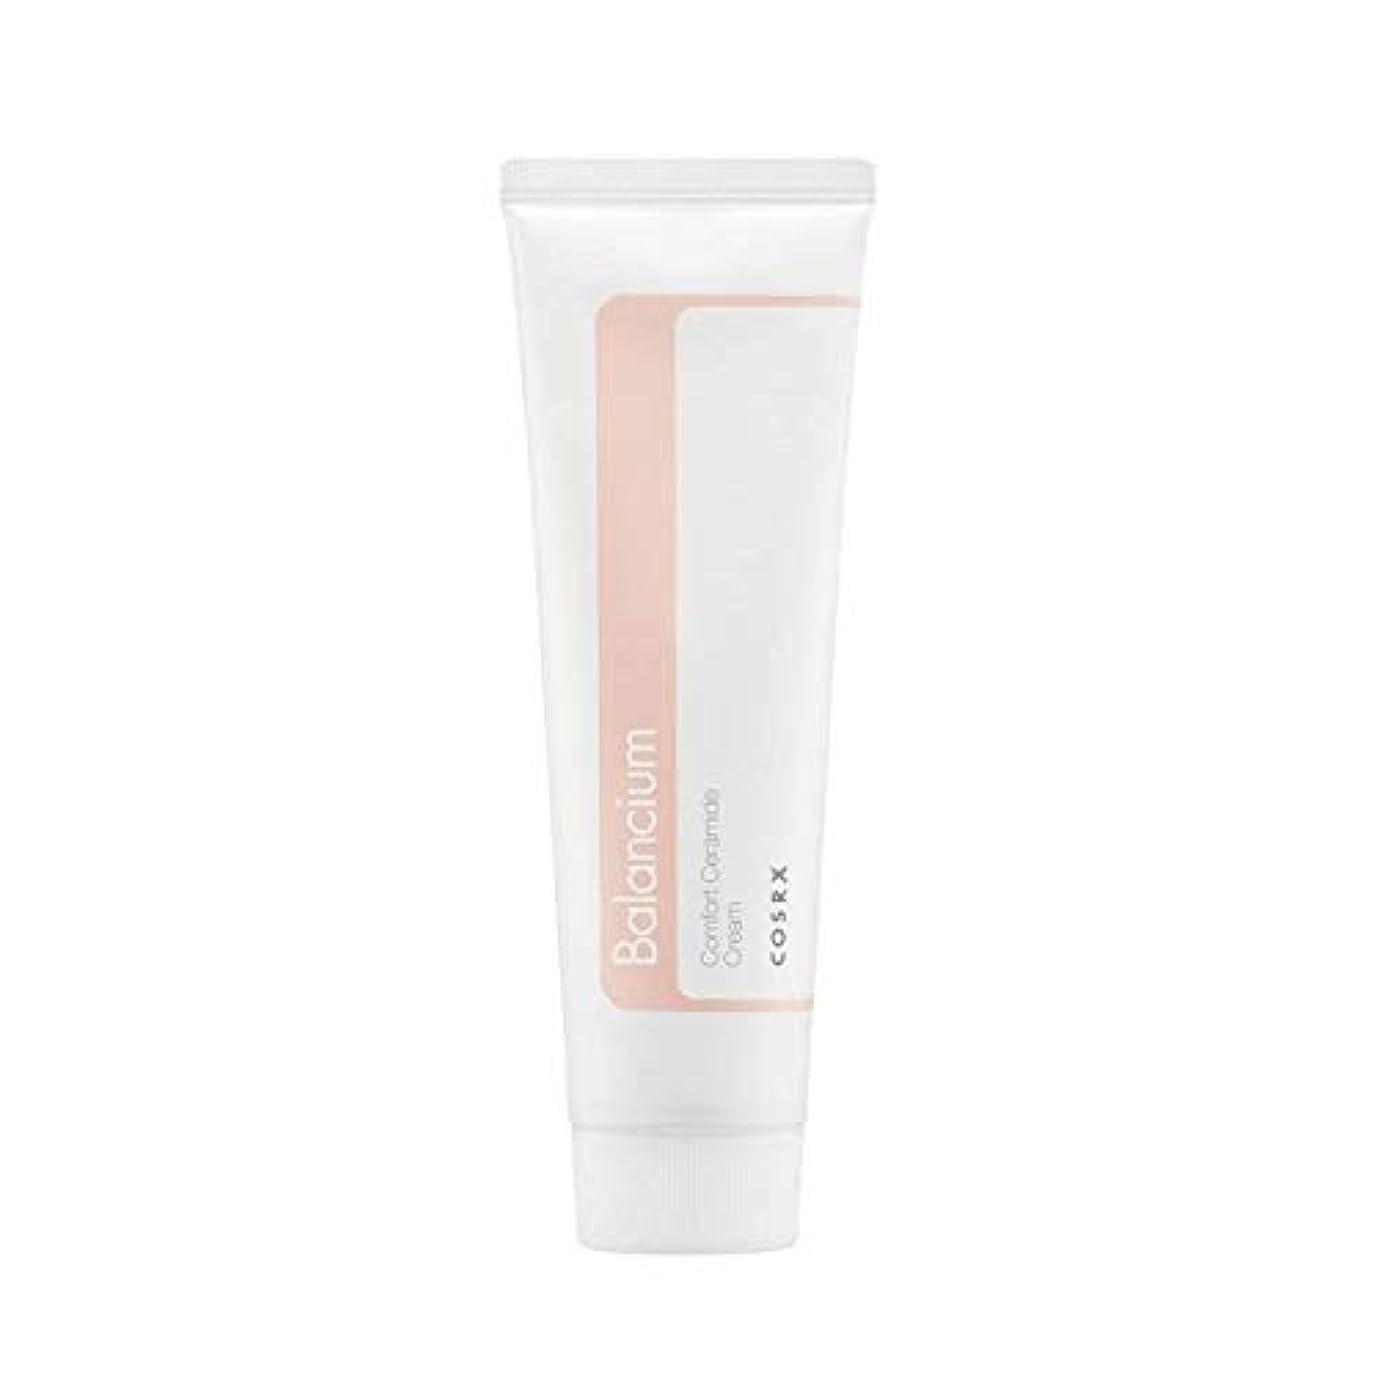 資格シエスタ建築家COSRX バランシウム コンポート セラミド クリーム / Balancium Comfort Ceramide Cream (80g) [並行輸入品]